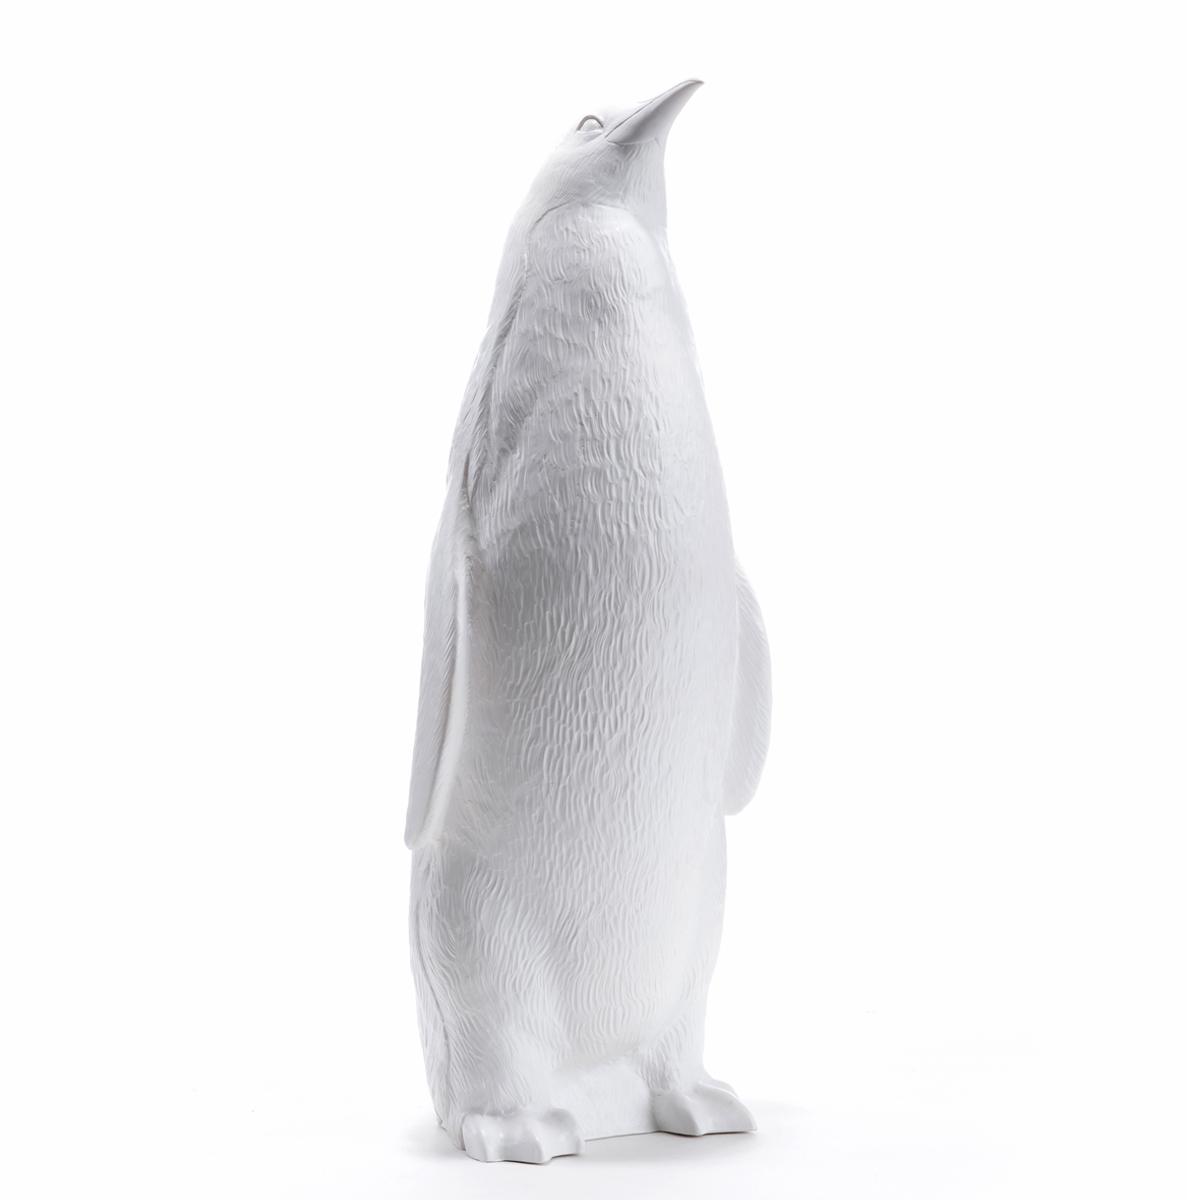 Le Pingouin Tête Haute, Head up